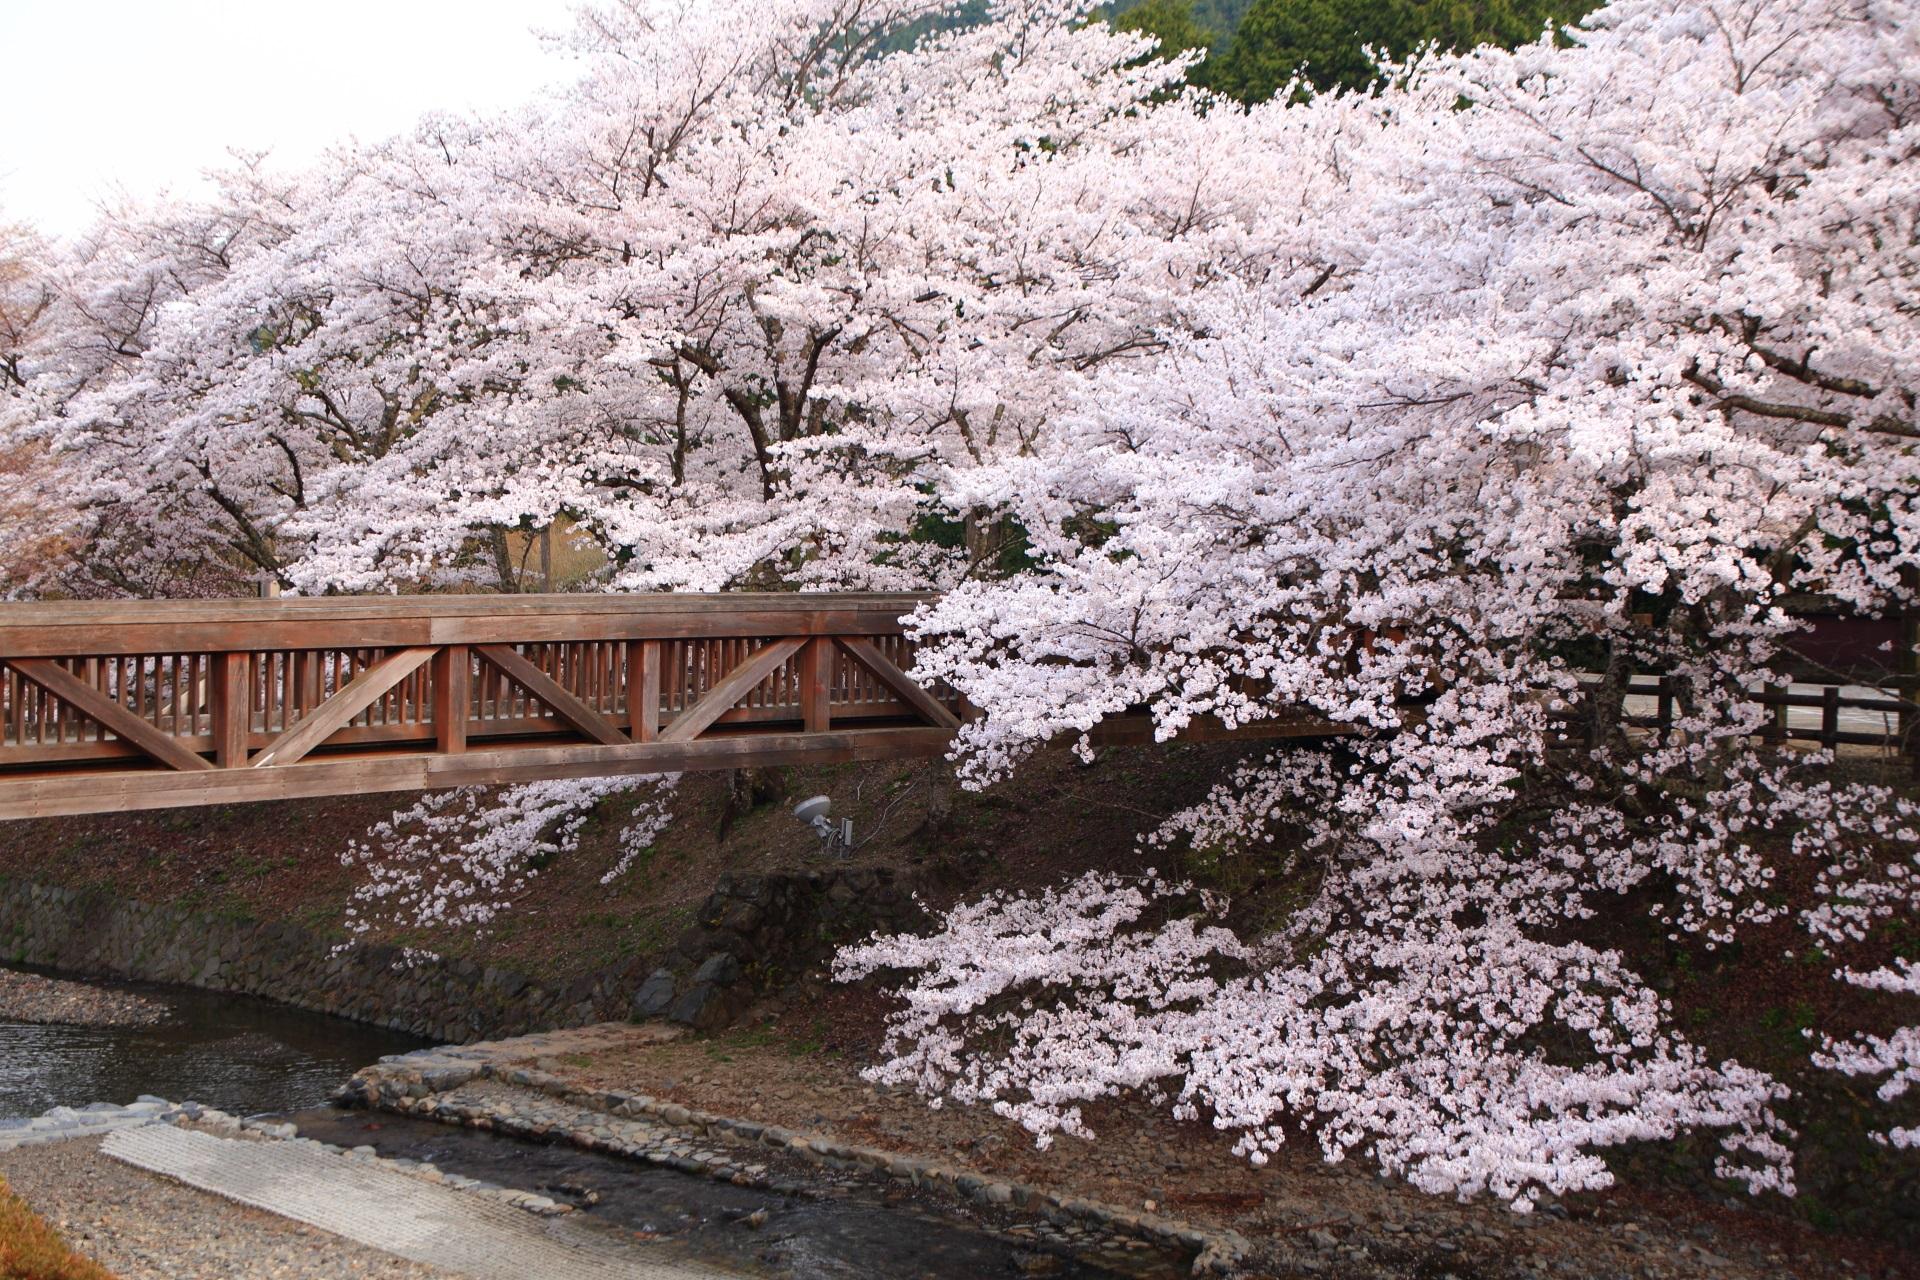 七谷川の情緒ある木製の橋を覆う桜